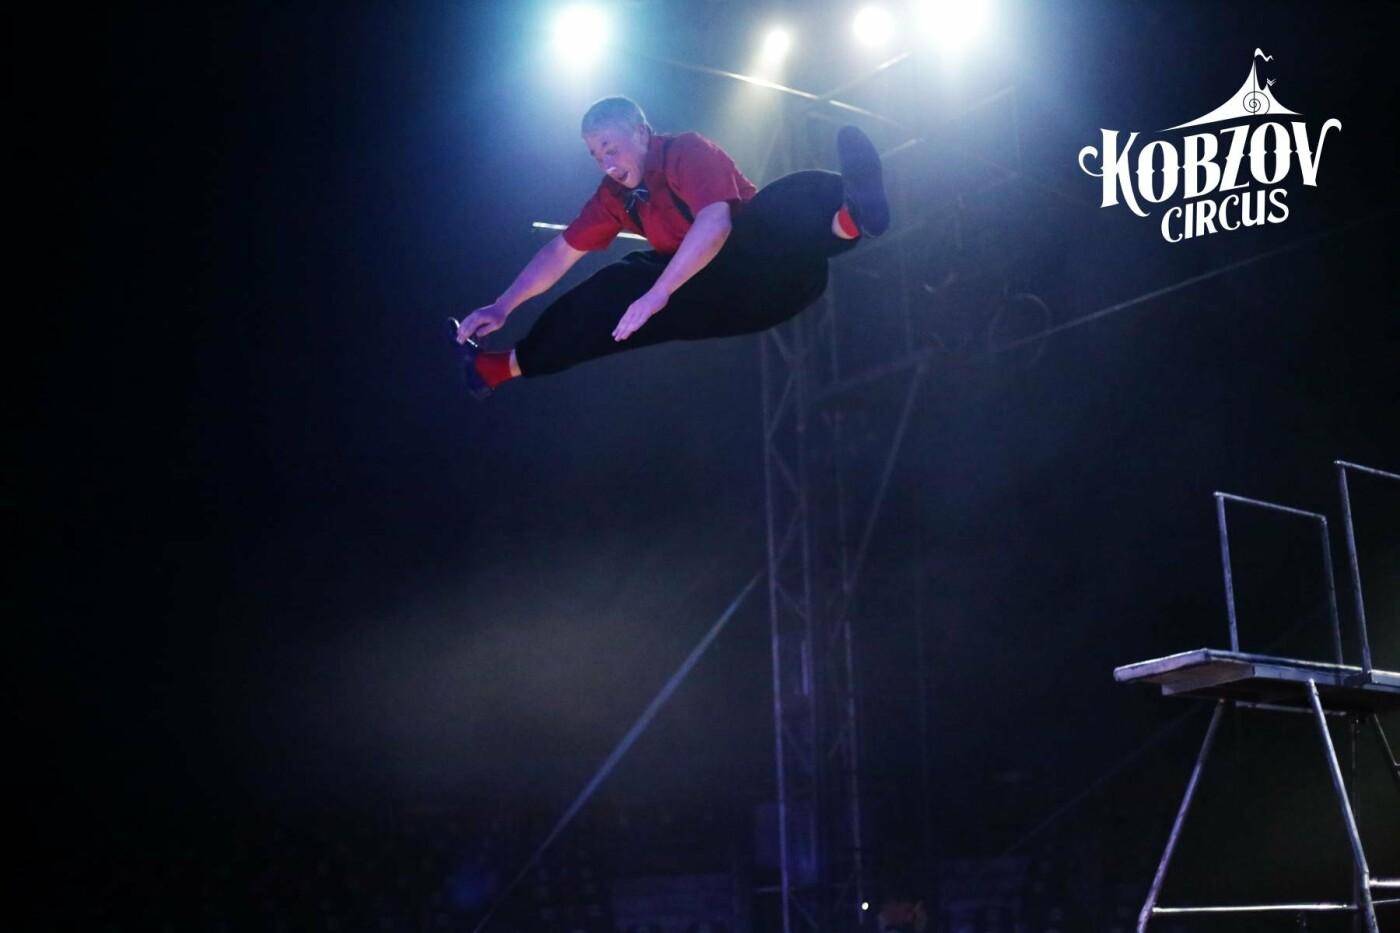 Найбільший цирк України – цирк «Кобзов», готовий дивувати, надихати і приносити радість, фото-10